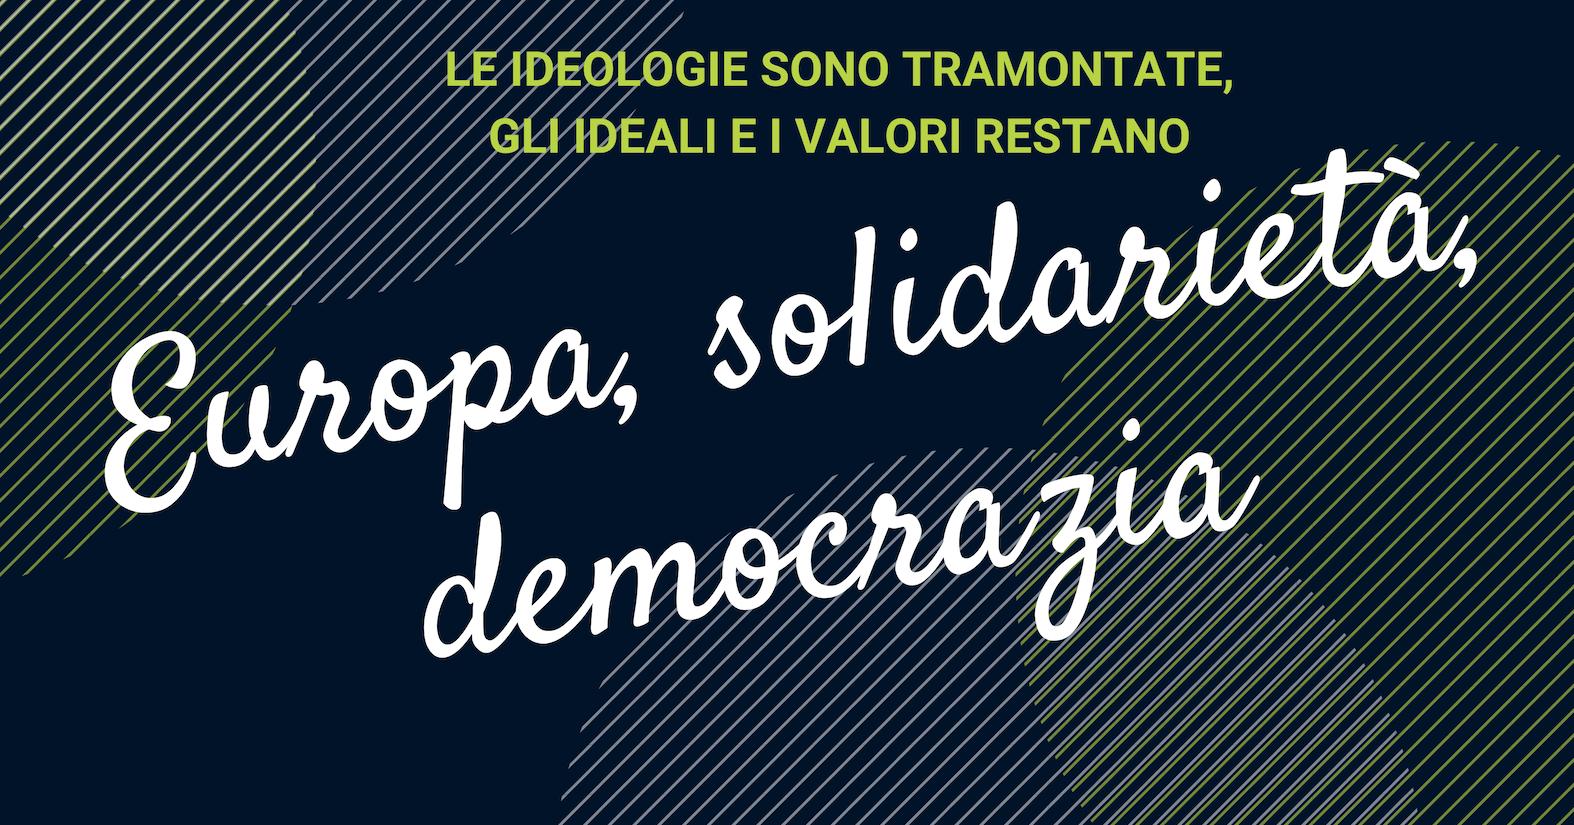 Ripartire da Europa, solidarietà e democrazia (di Michele Perrone)